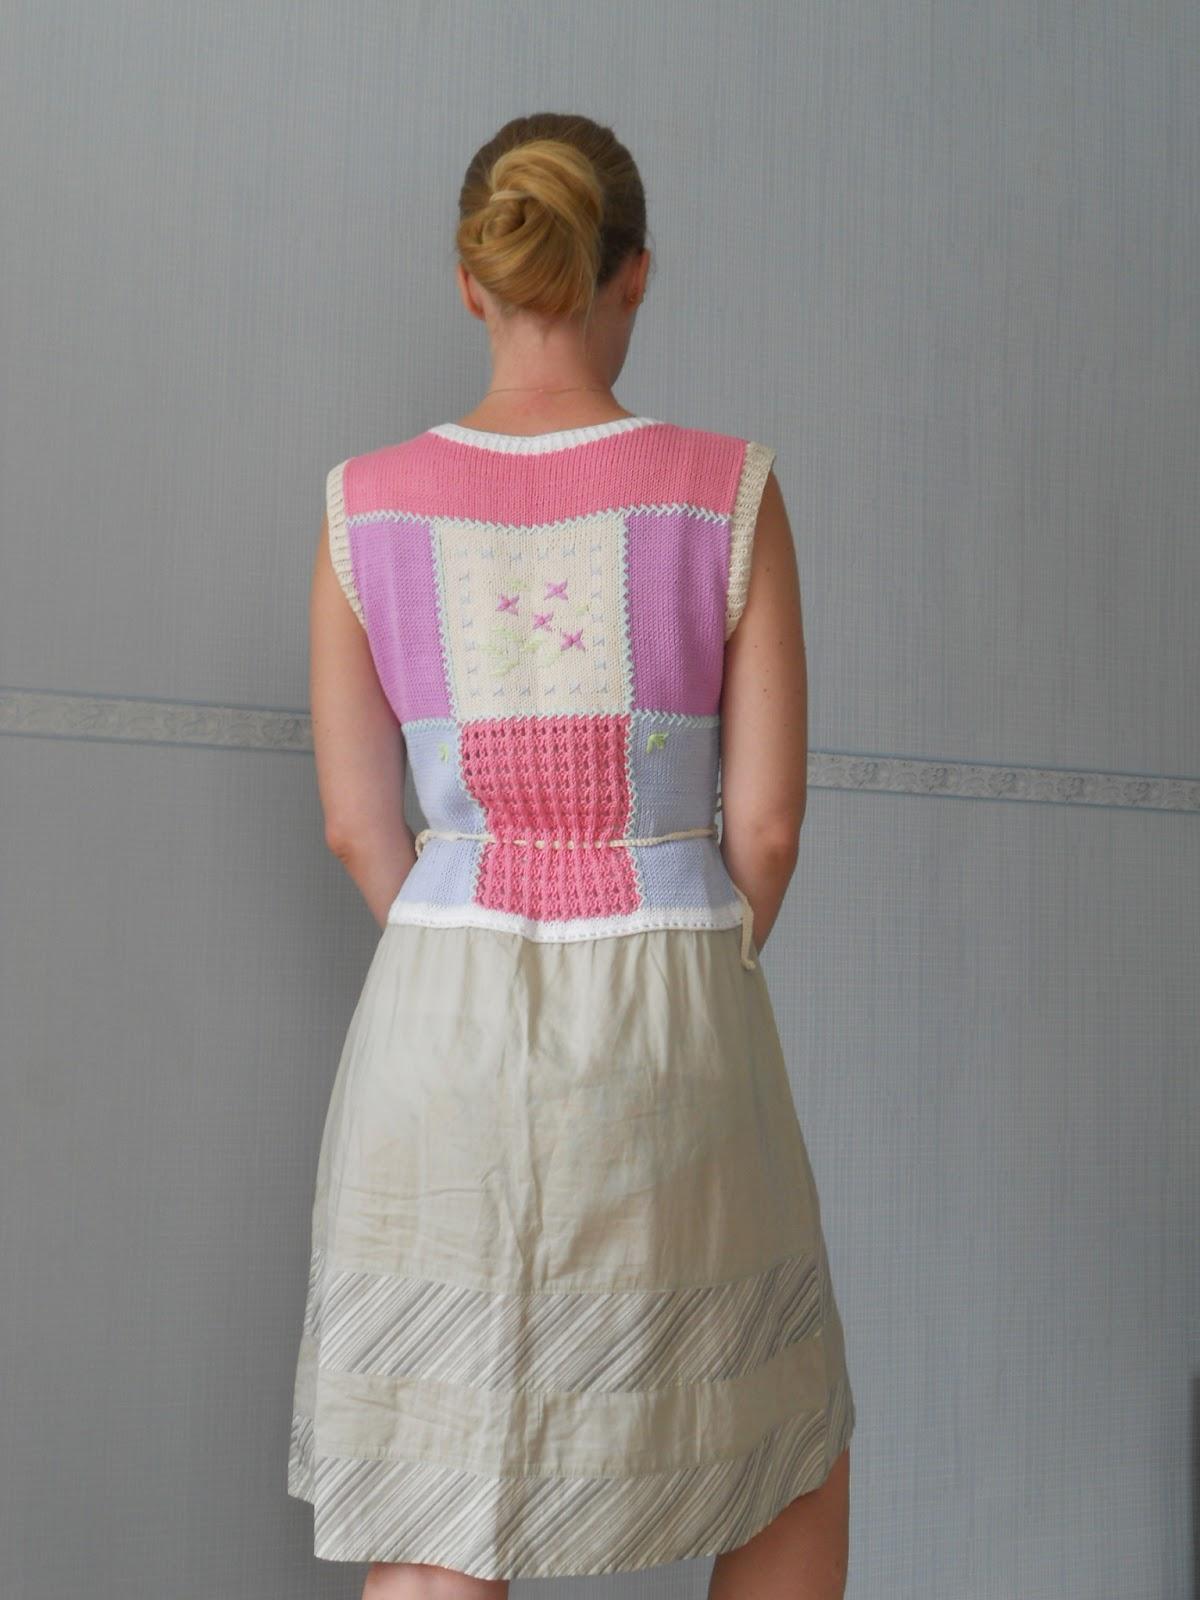 Посмотреть под юбку бесплатно 4 фотография